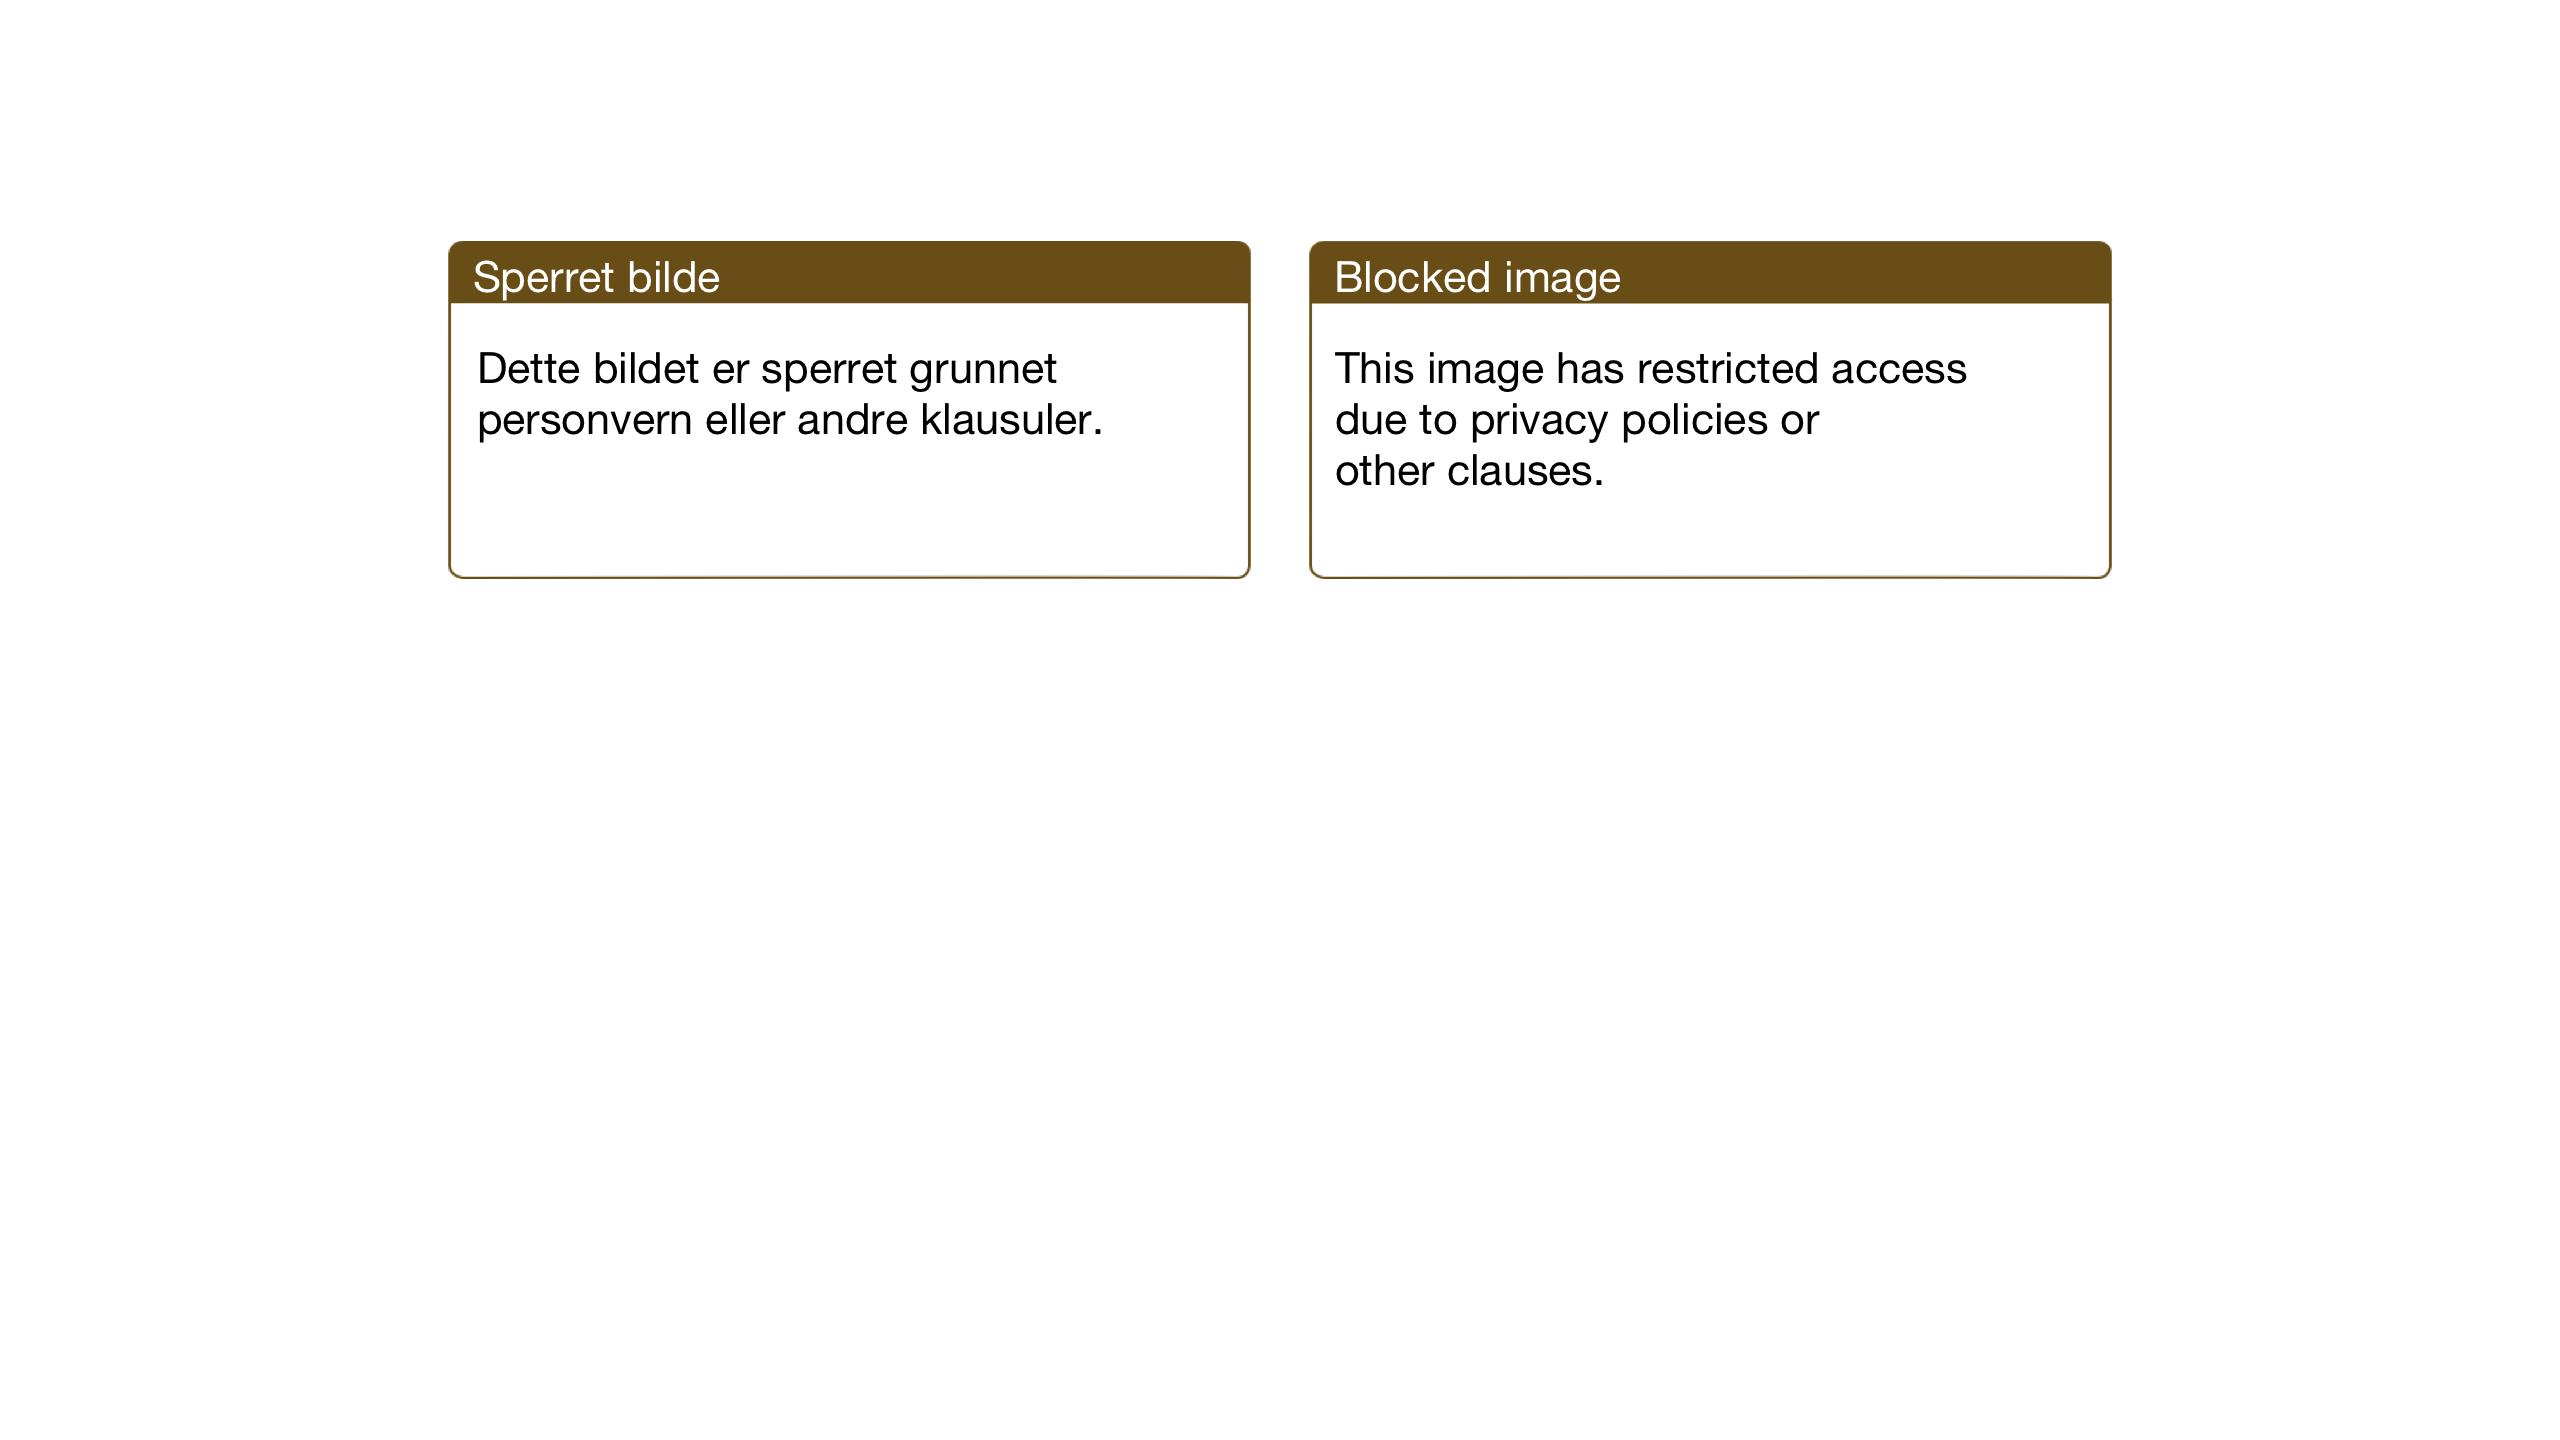 SAT, Ministerialprotokoller, klokkerbøker og fødselsregistre - Nord-Trøndelag, 744/L0425: Klokkerbok nr. 744C04, 1924-1947, s. 148